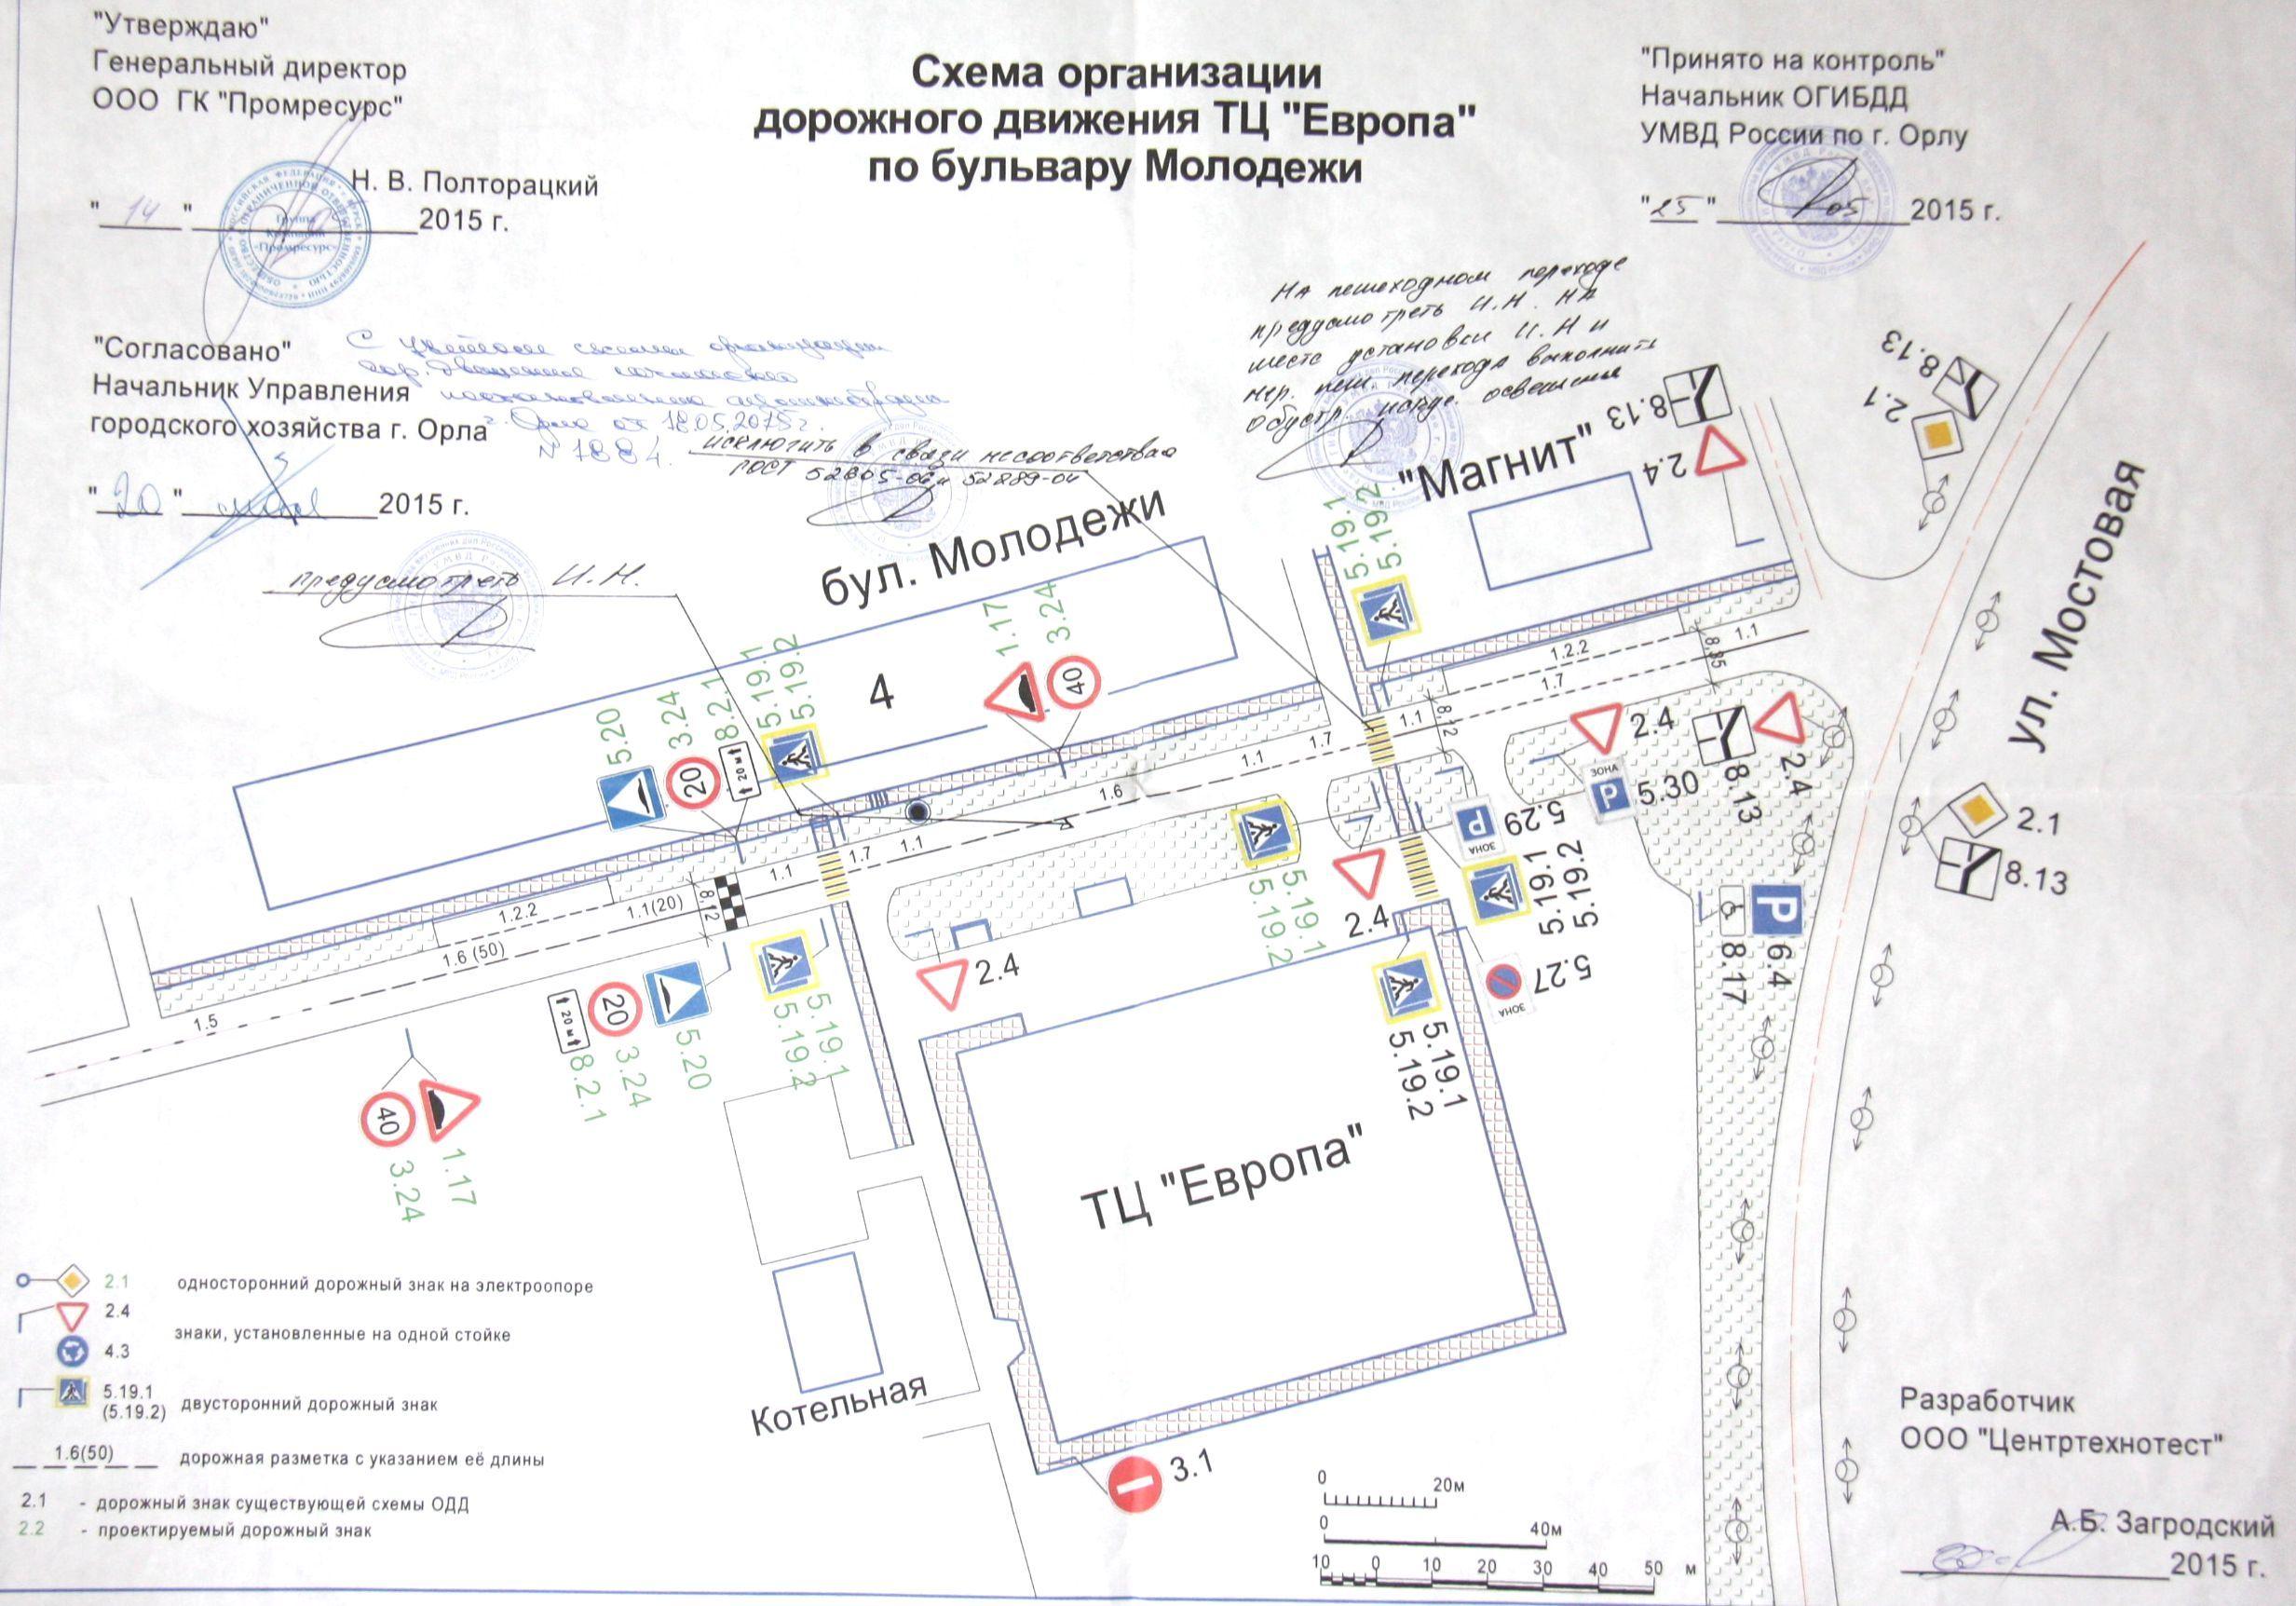 Кто утверждает схему организации дорожного движения